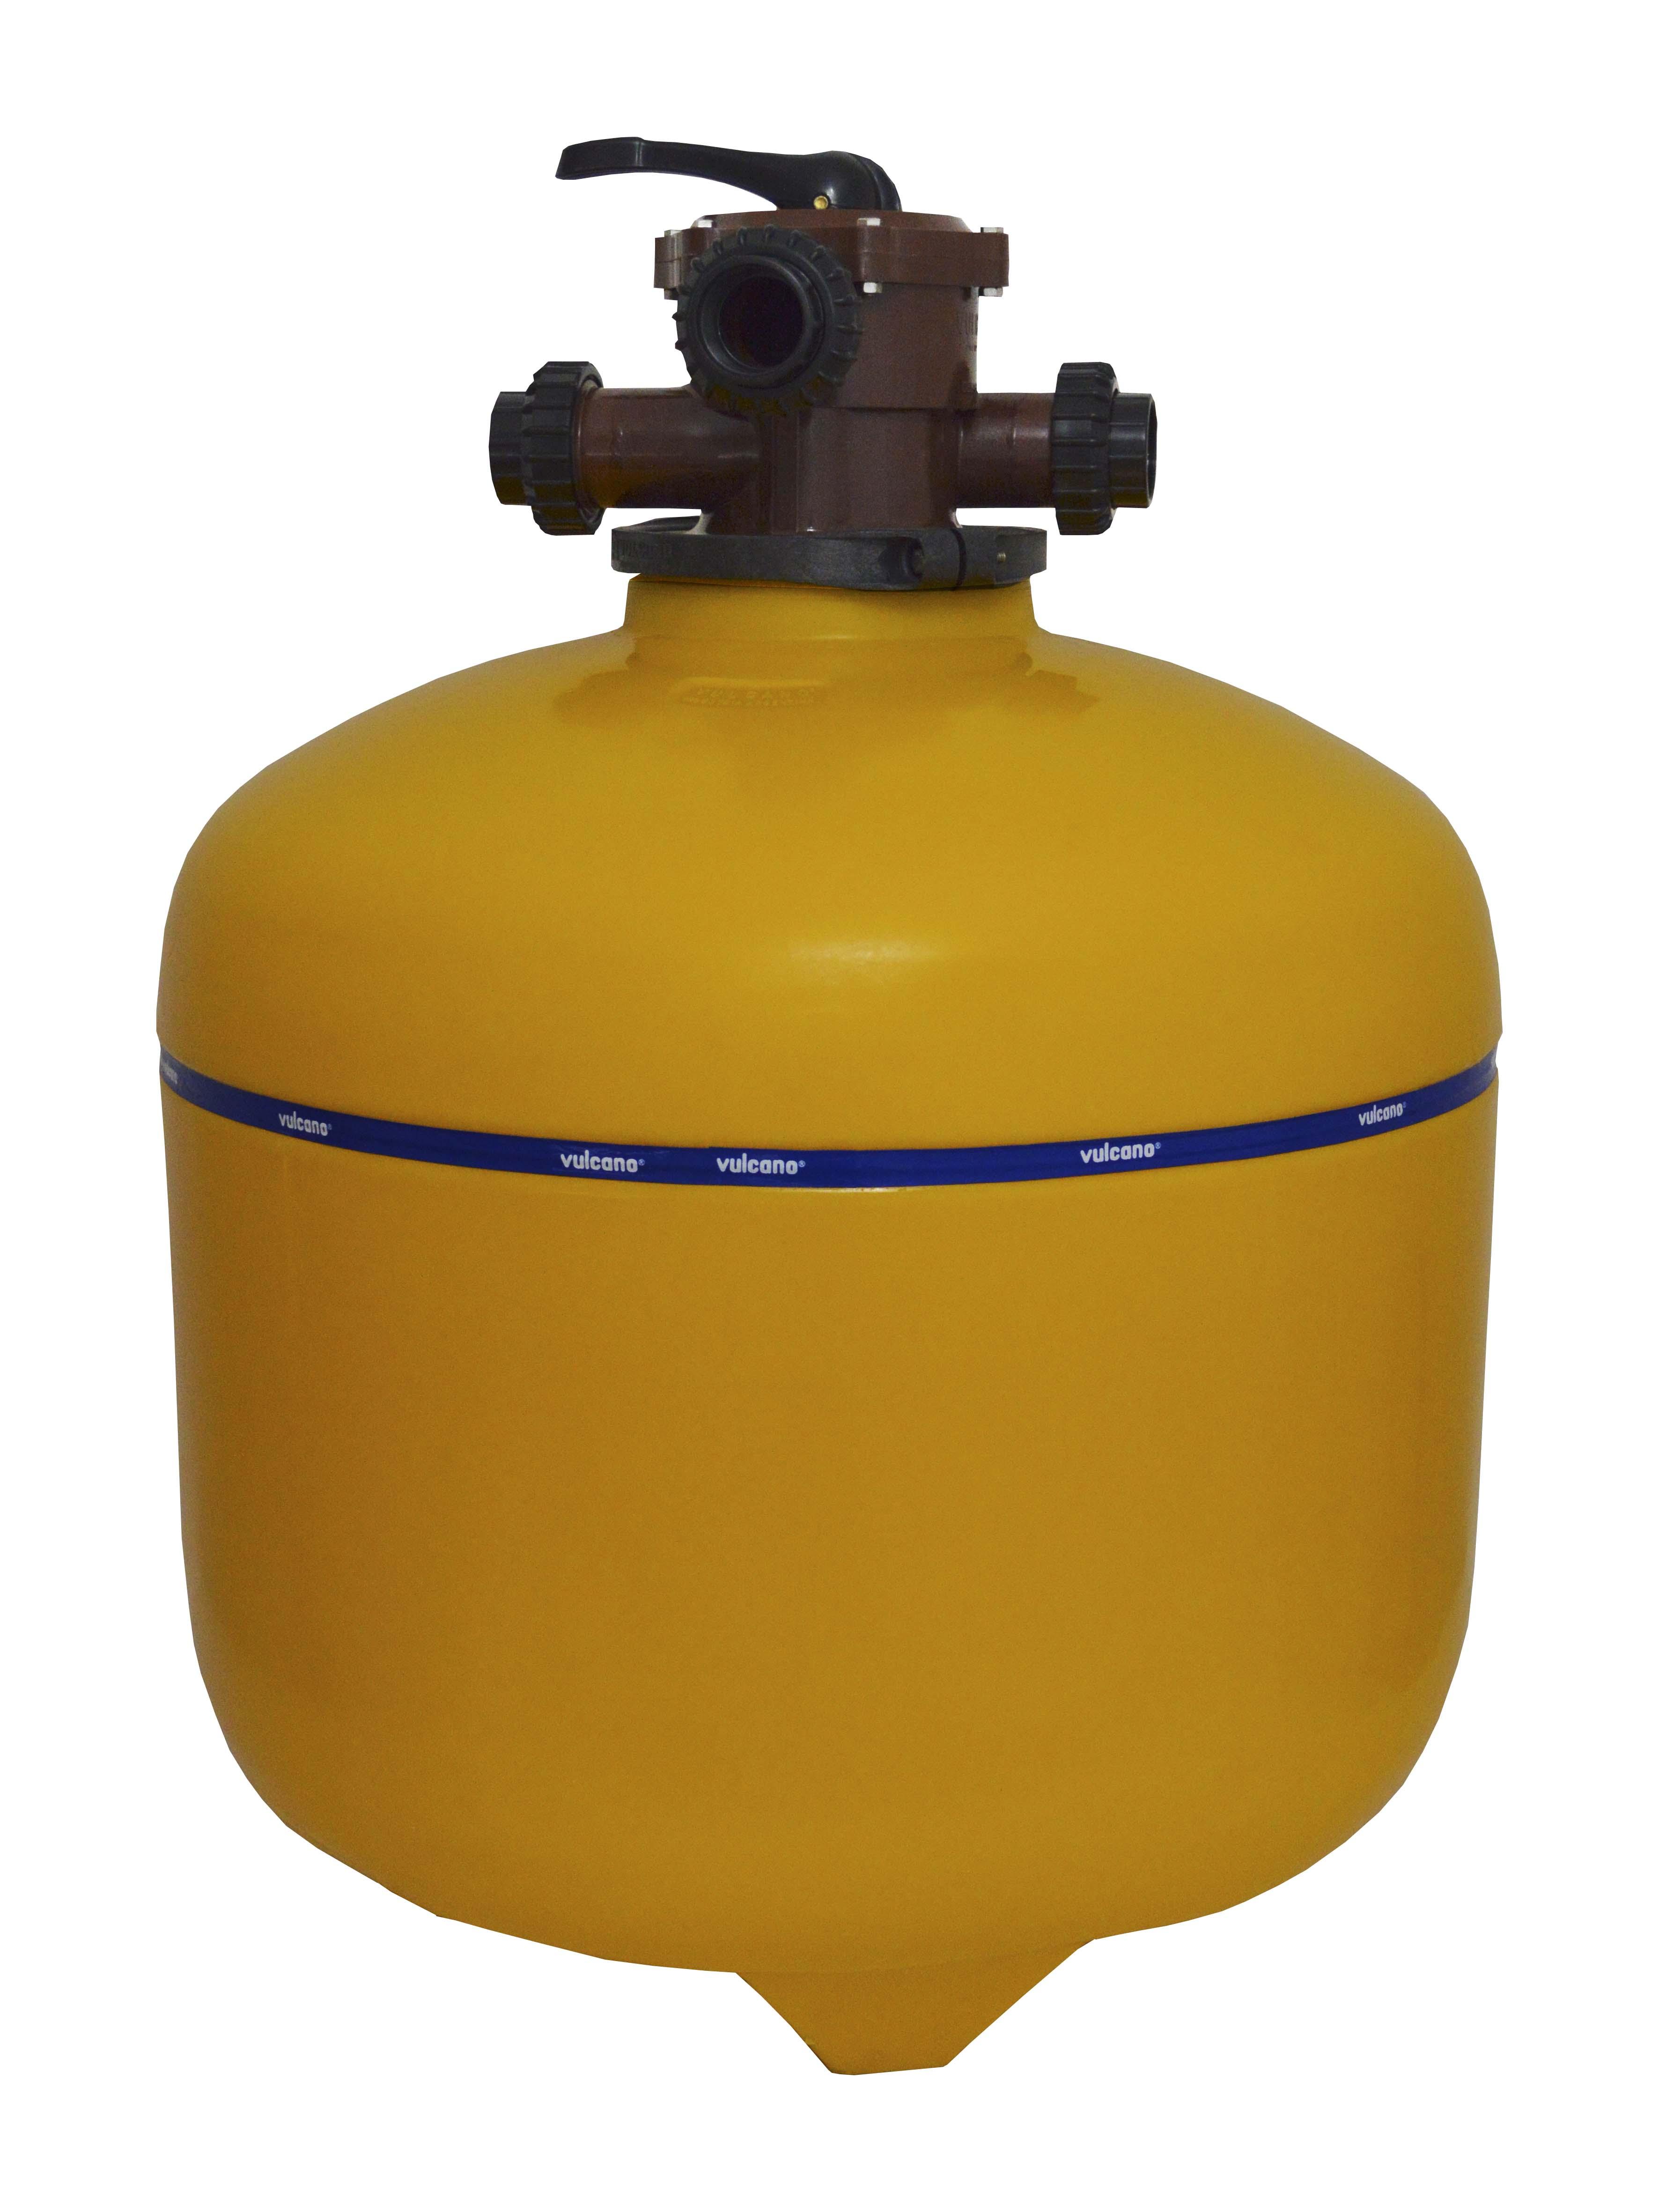 Filtro para piscina vulcano vc100 150m3 de todo agua for Filtros de agua para piscinas